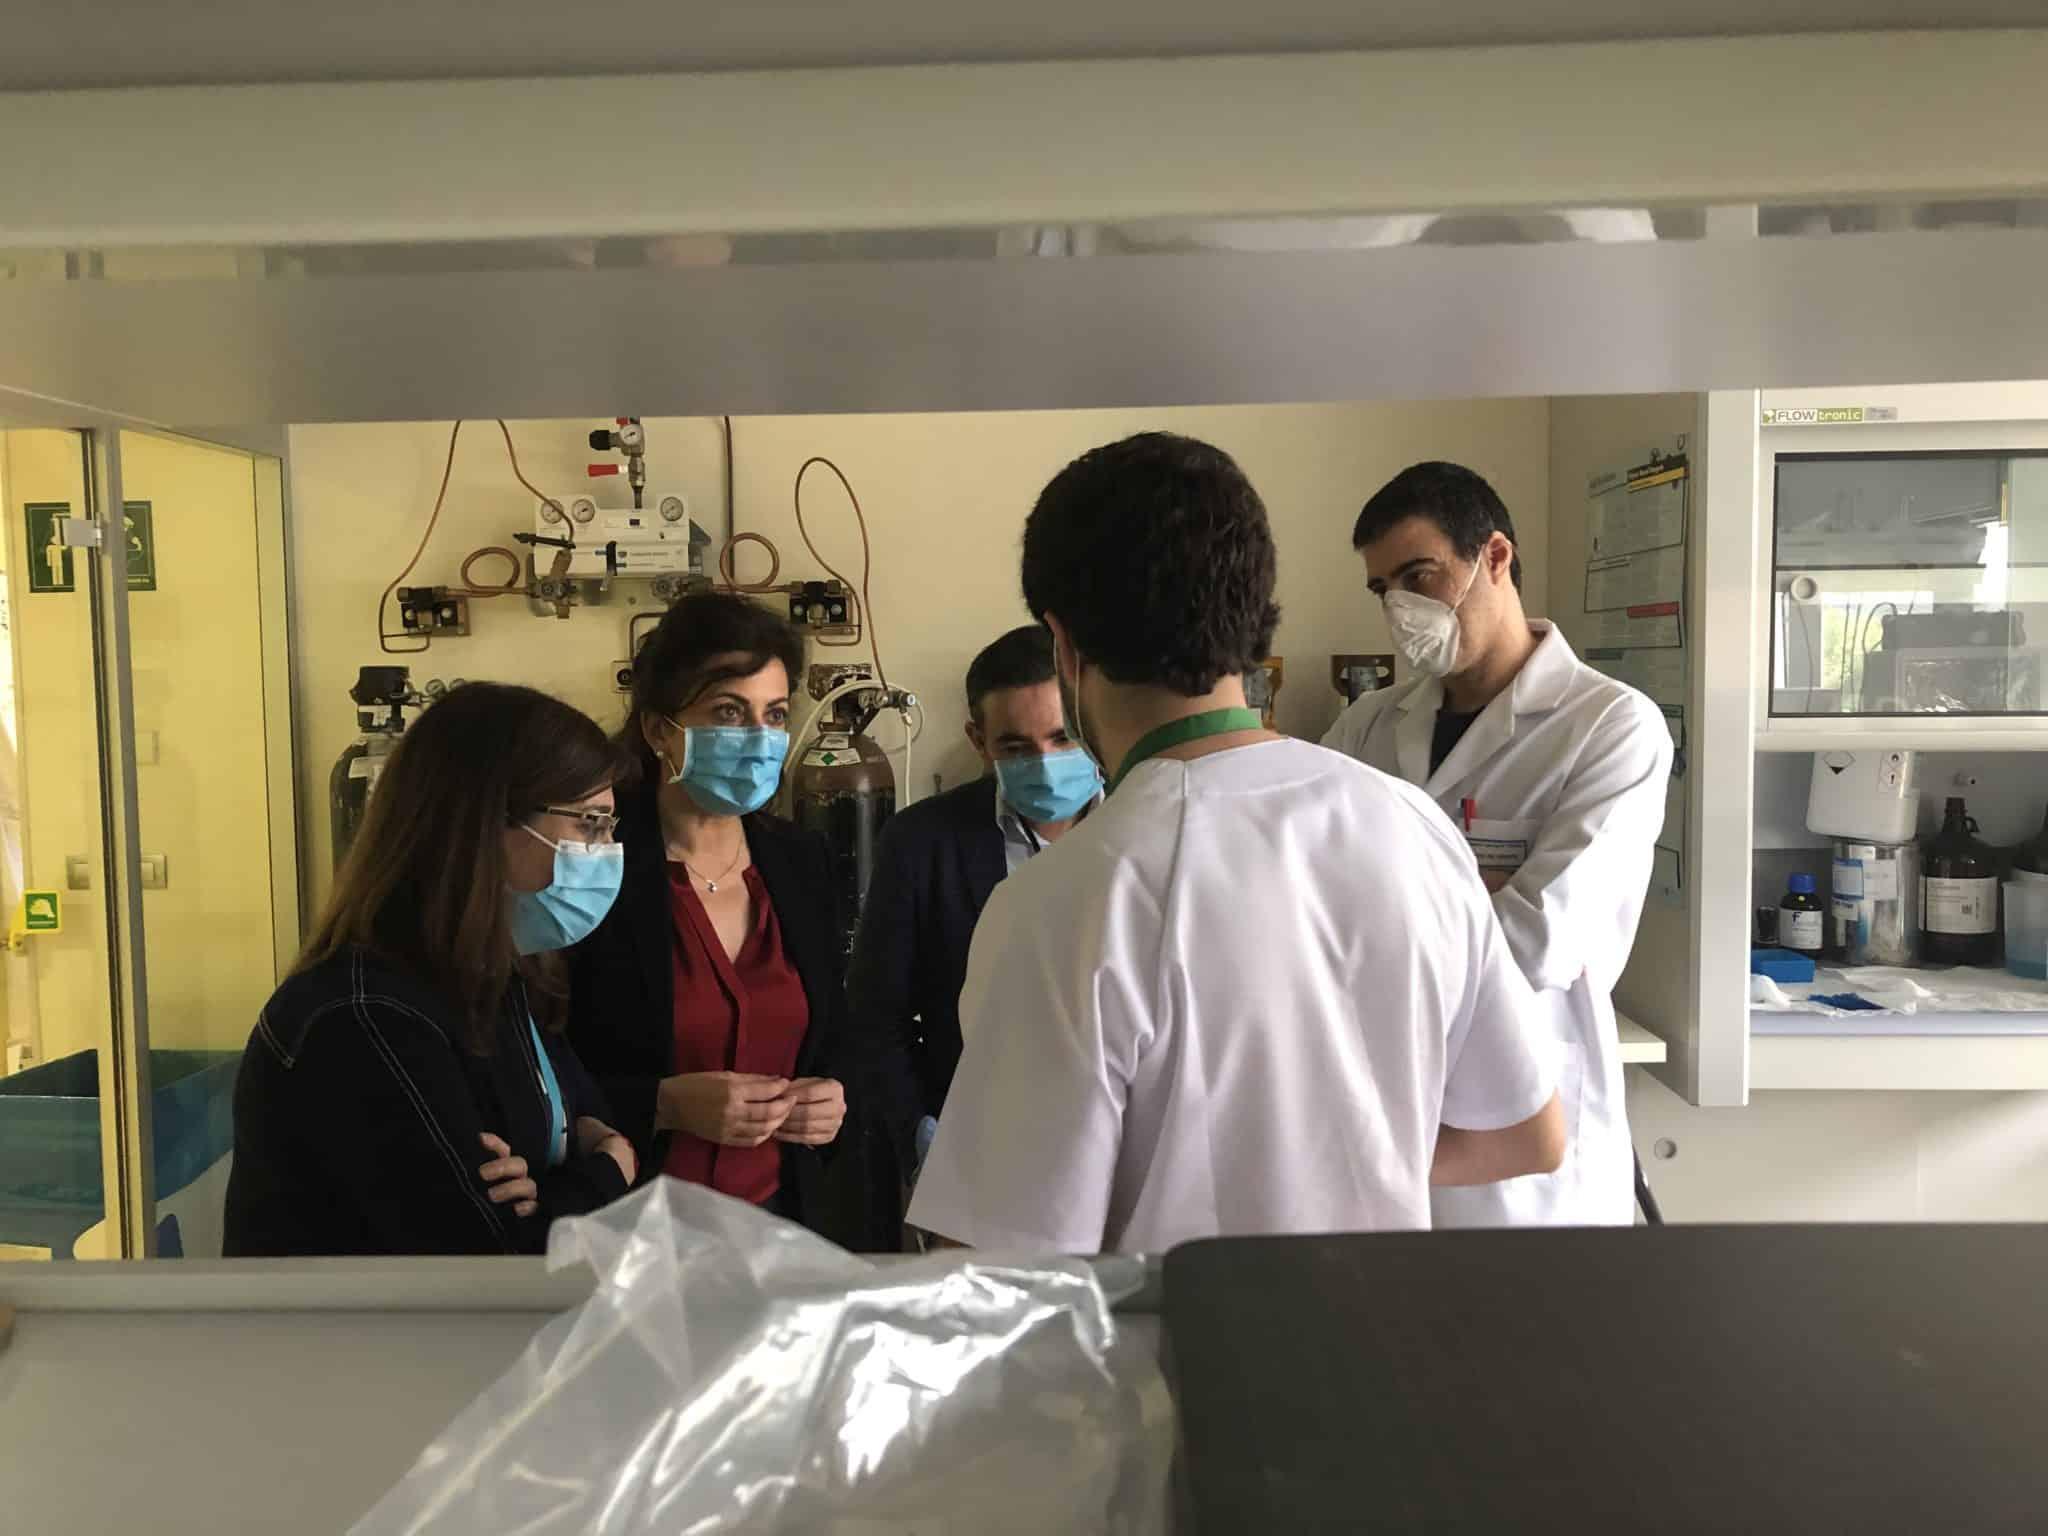 El CIBIR muestra a Andreu los proyectos de investigación ya en marcha para luchar contra el COVID-19 1